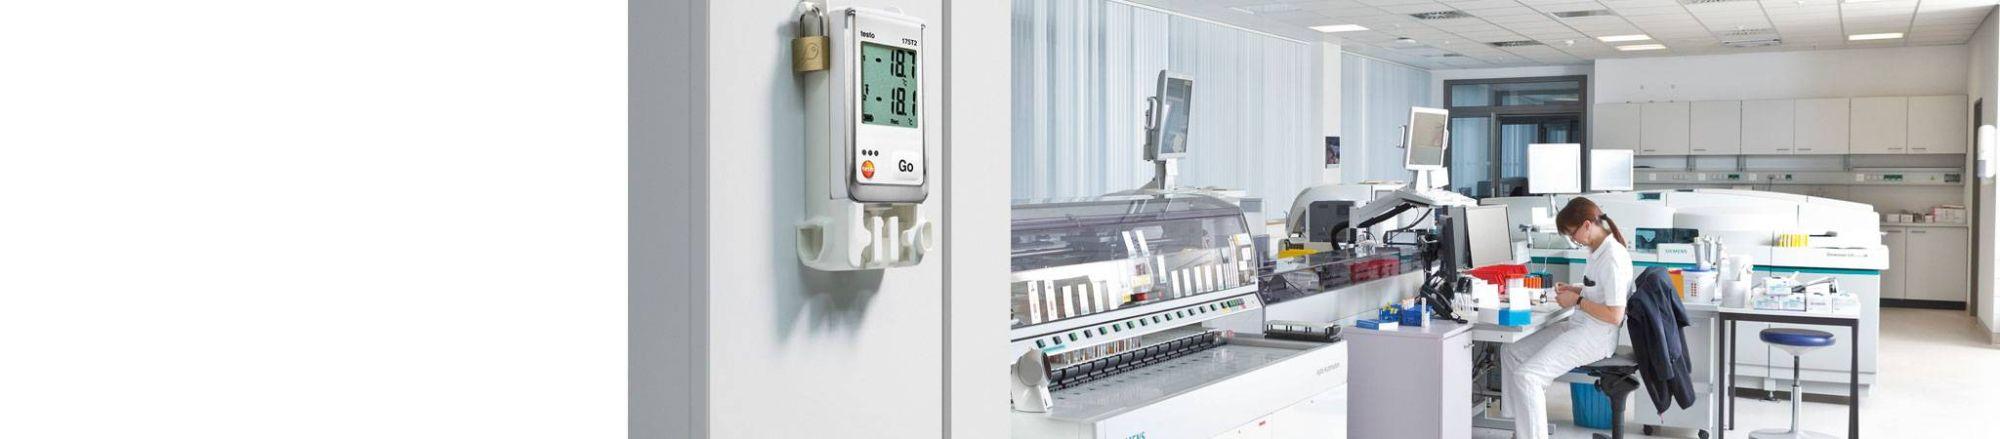 Medición de <strong>temperatura</strong> en laboratorios